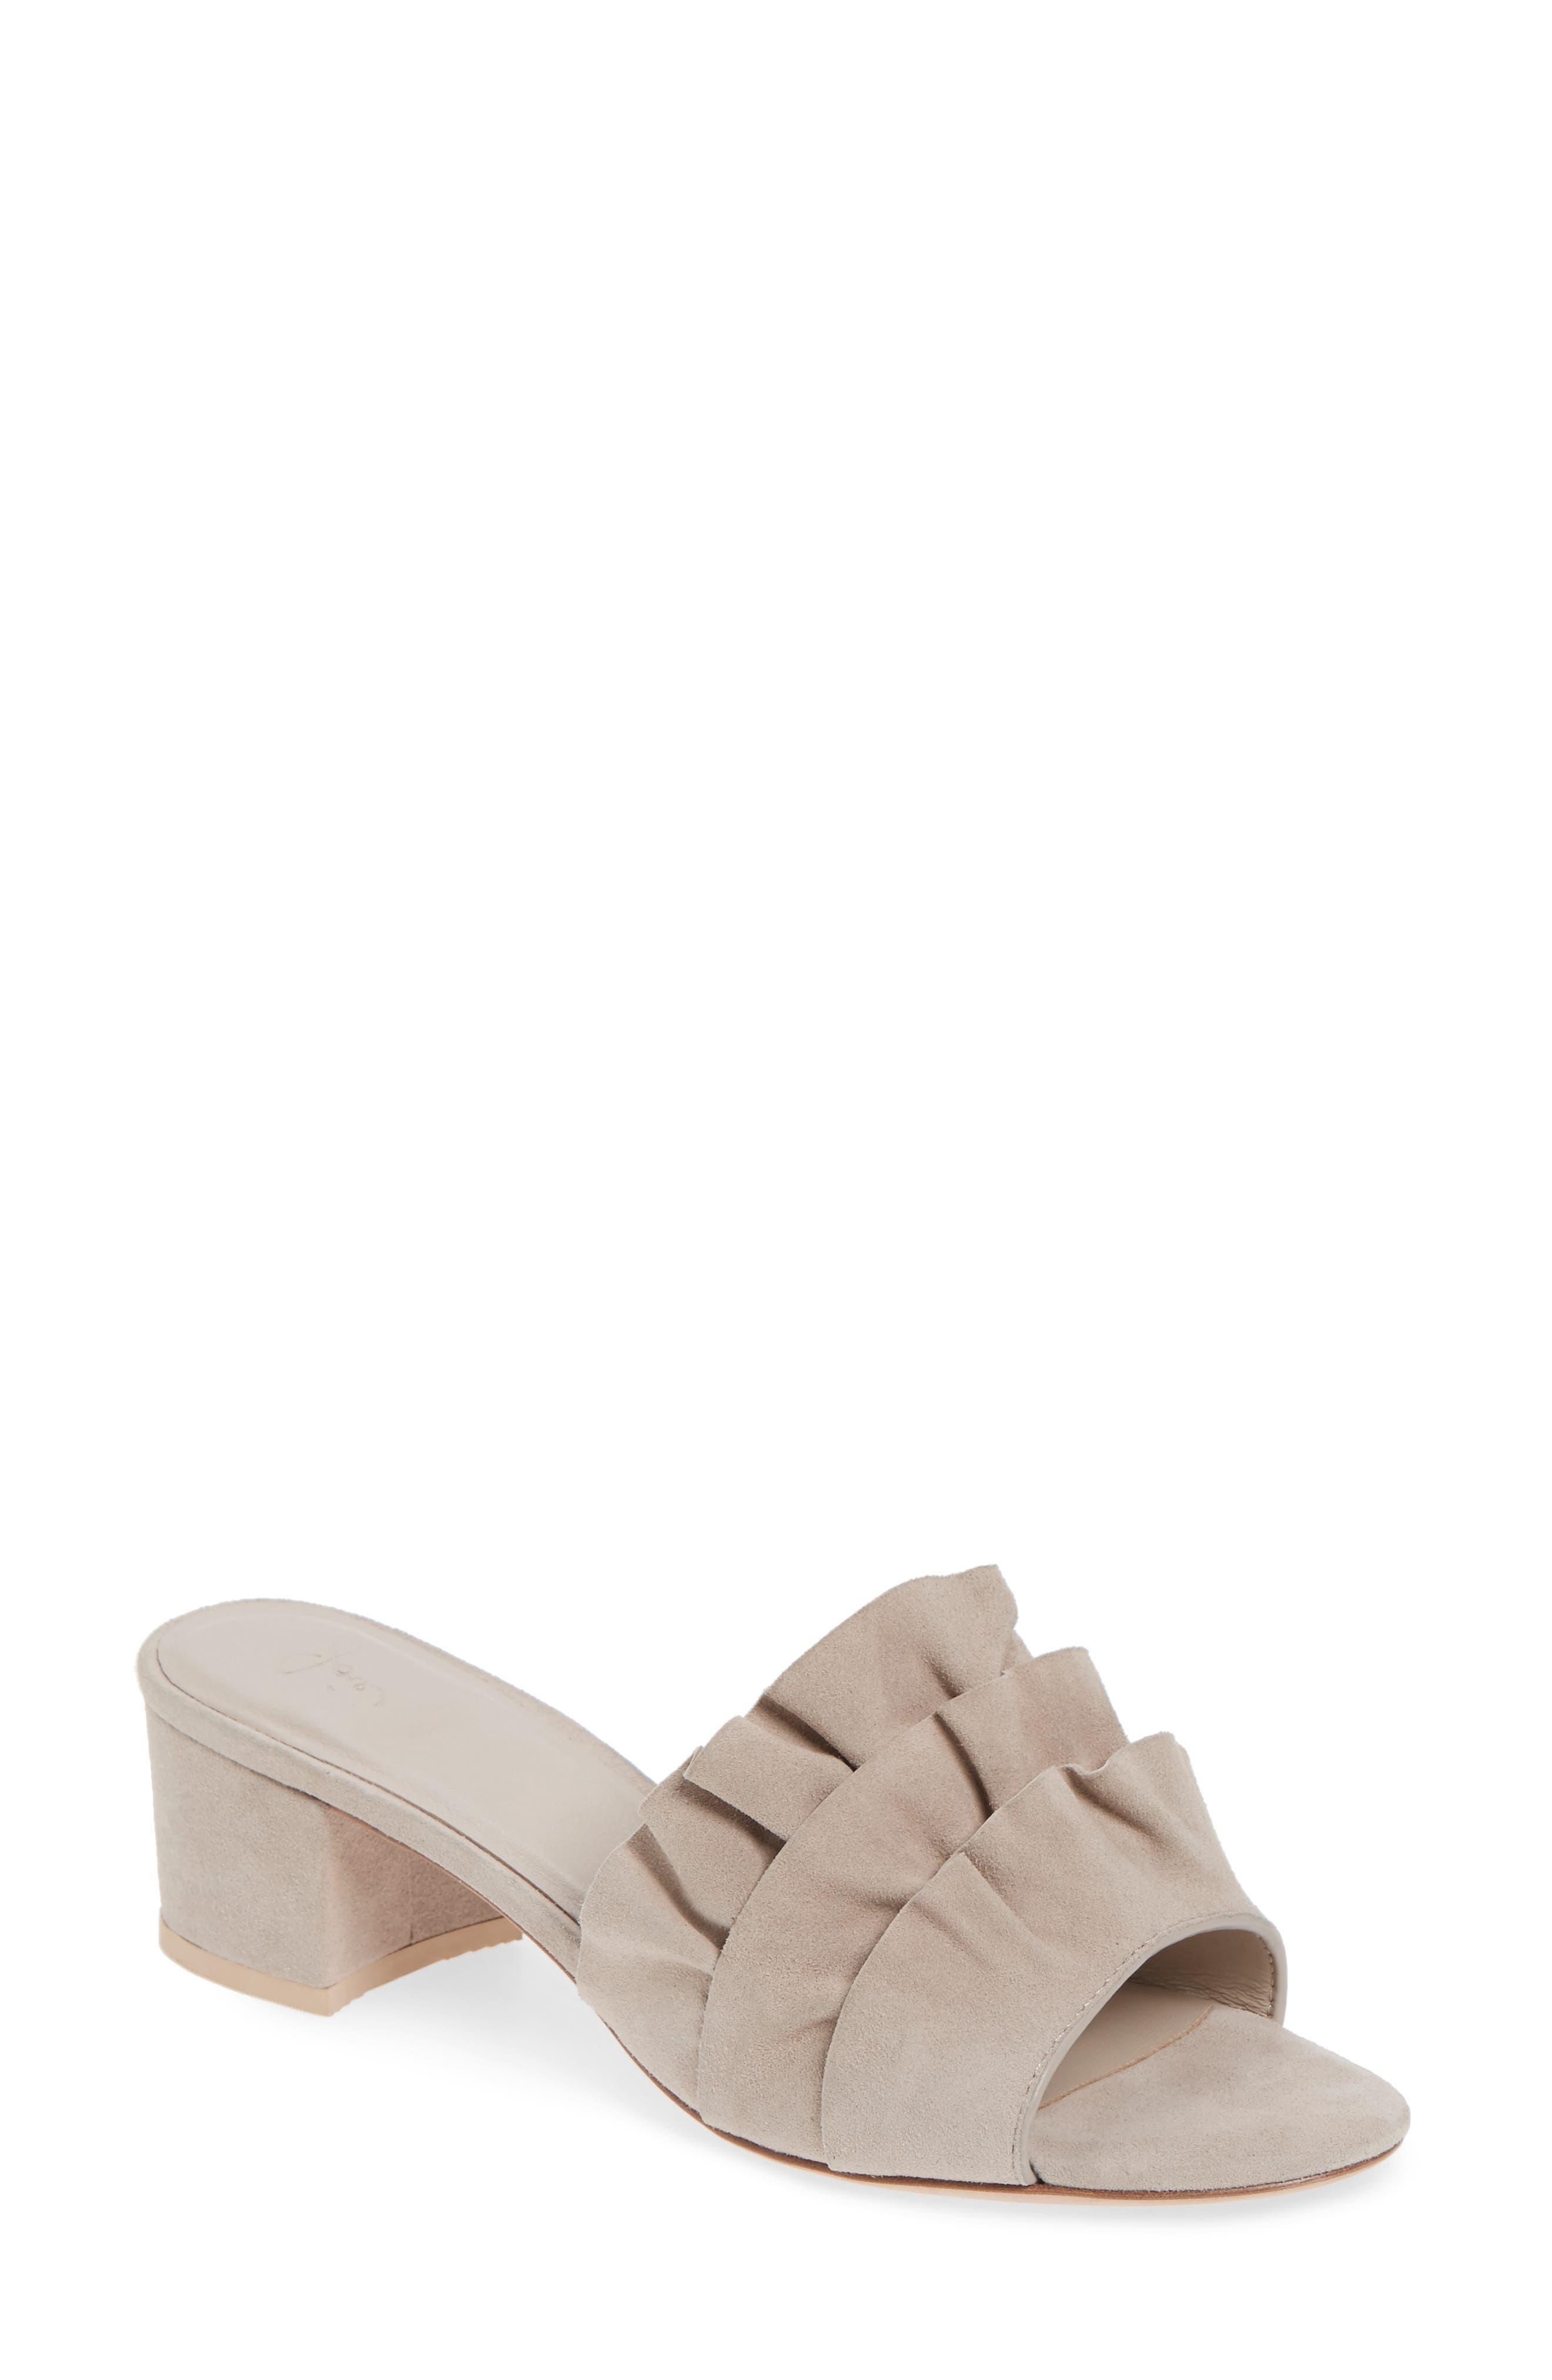 Alternate Image 1 Selected - Joie Mai Ruffle Slide Sandal (Women)